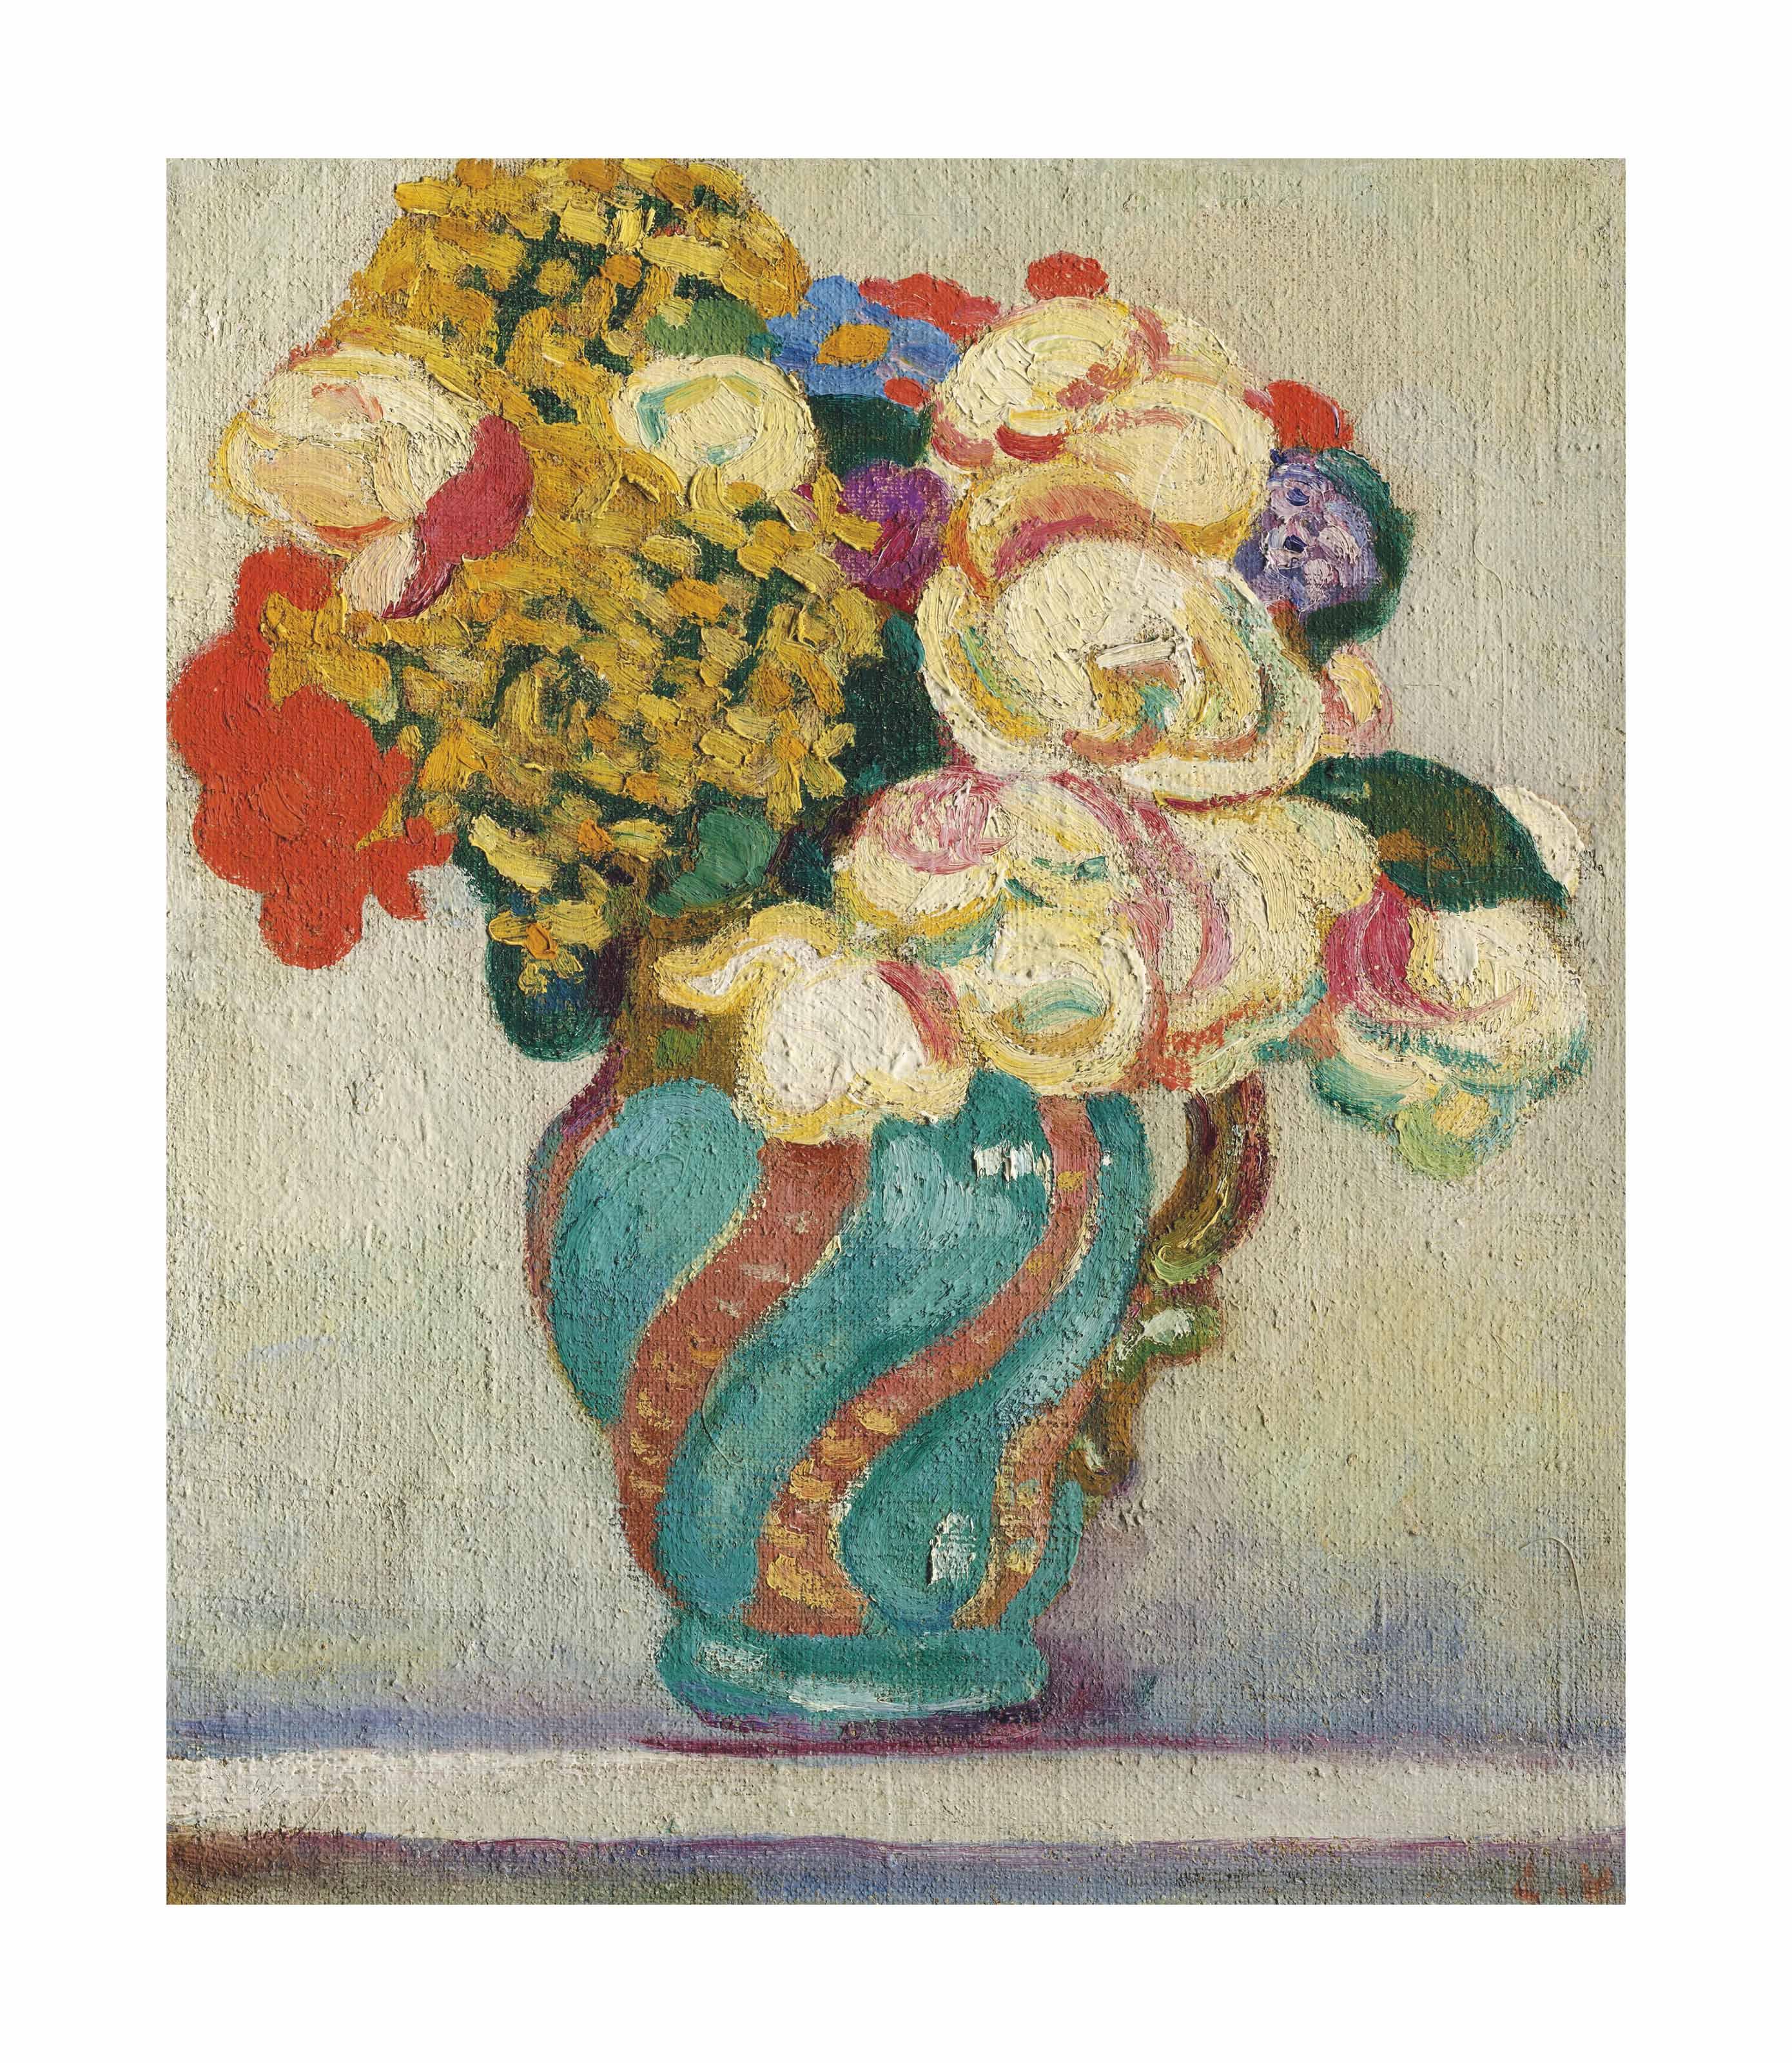 Louis valtat 1869 1952 bouquet de fleurs christie 39 s for Bouquet de fleurs 2017